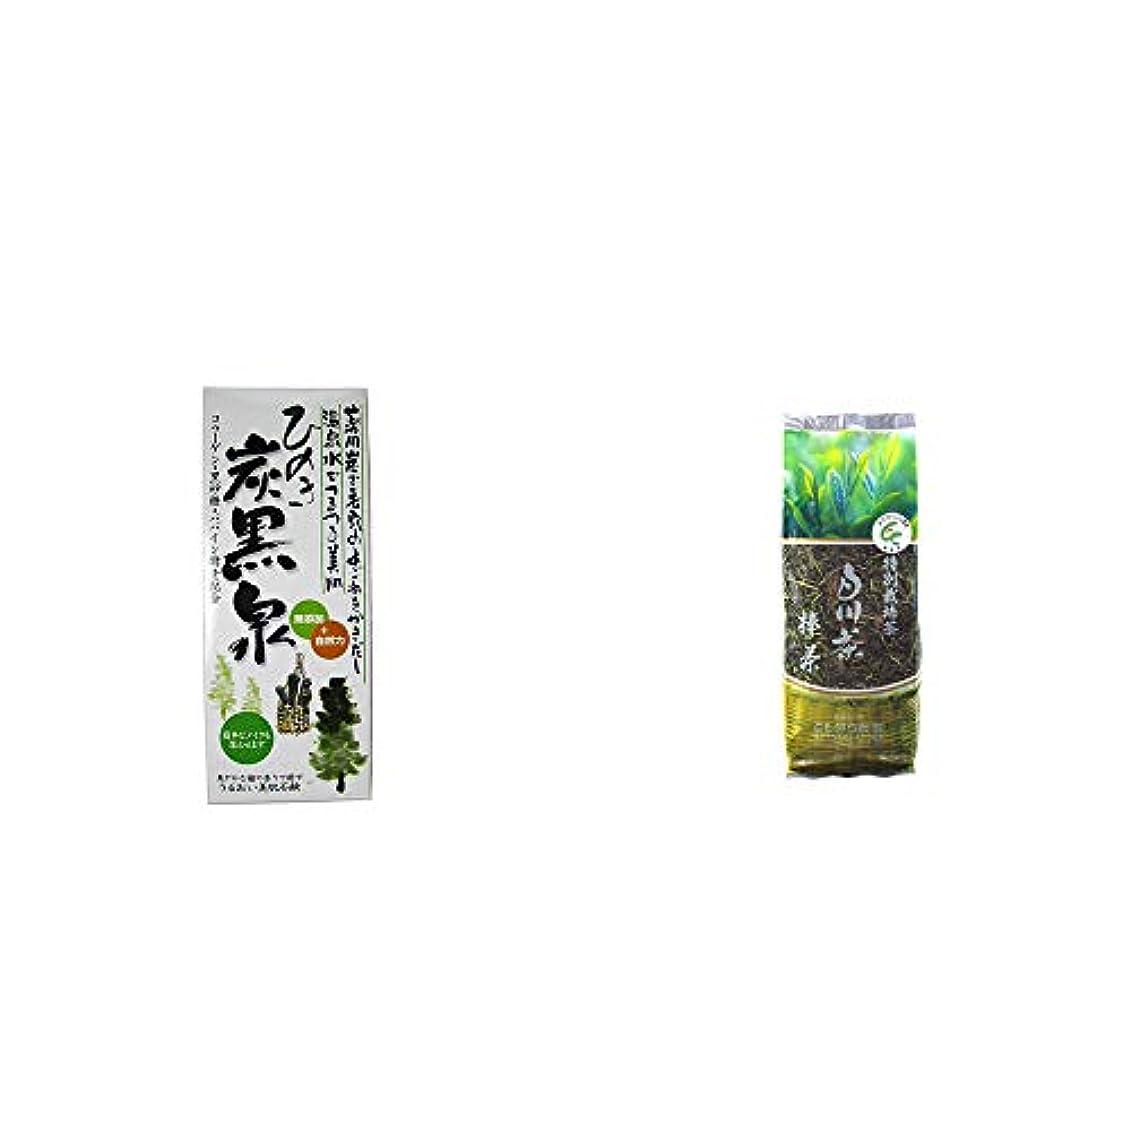 推進機関性交[2点セット] ひのき炭黒泉 箱入り(75g×3)?白川茶 特別栽培茶【棒茶】(150g)